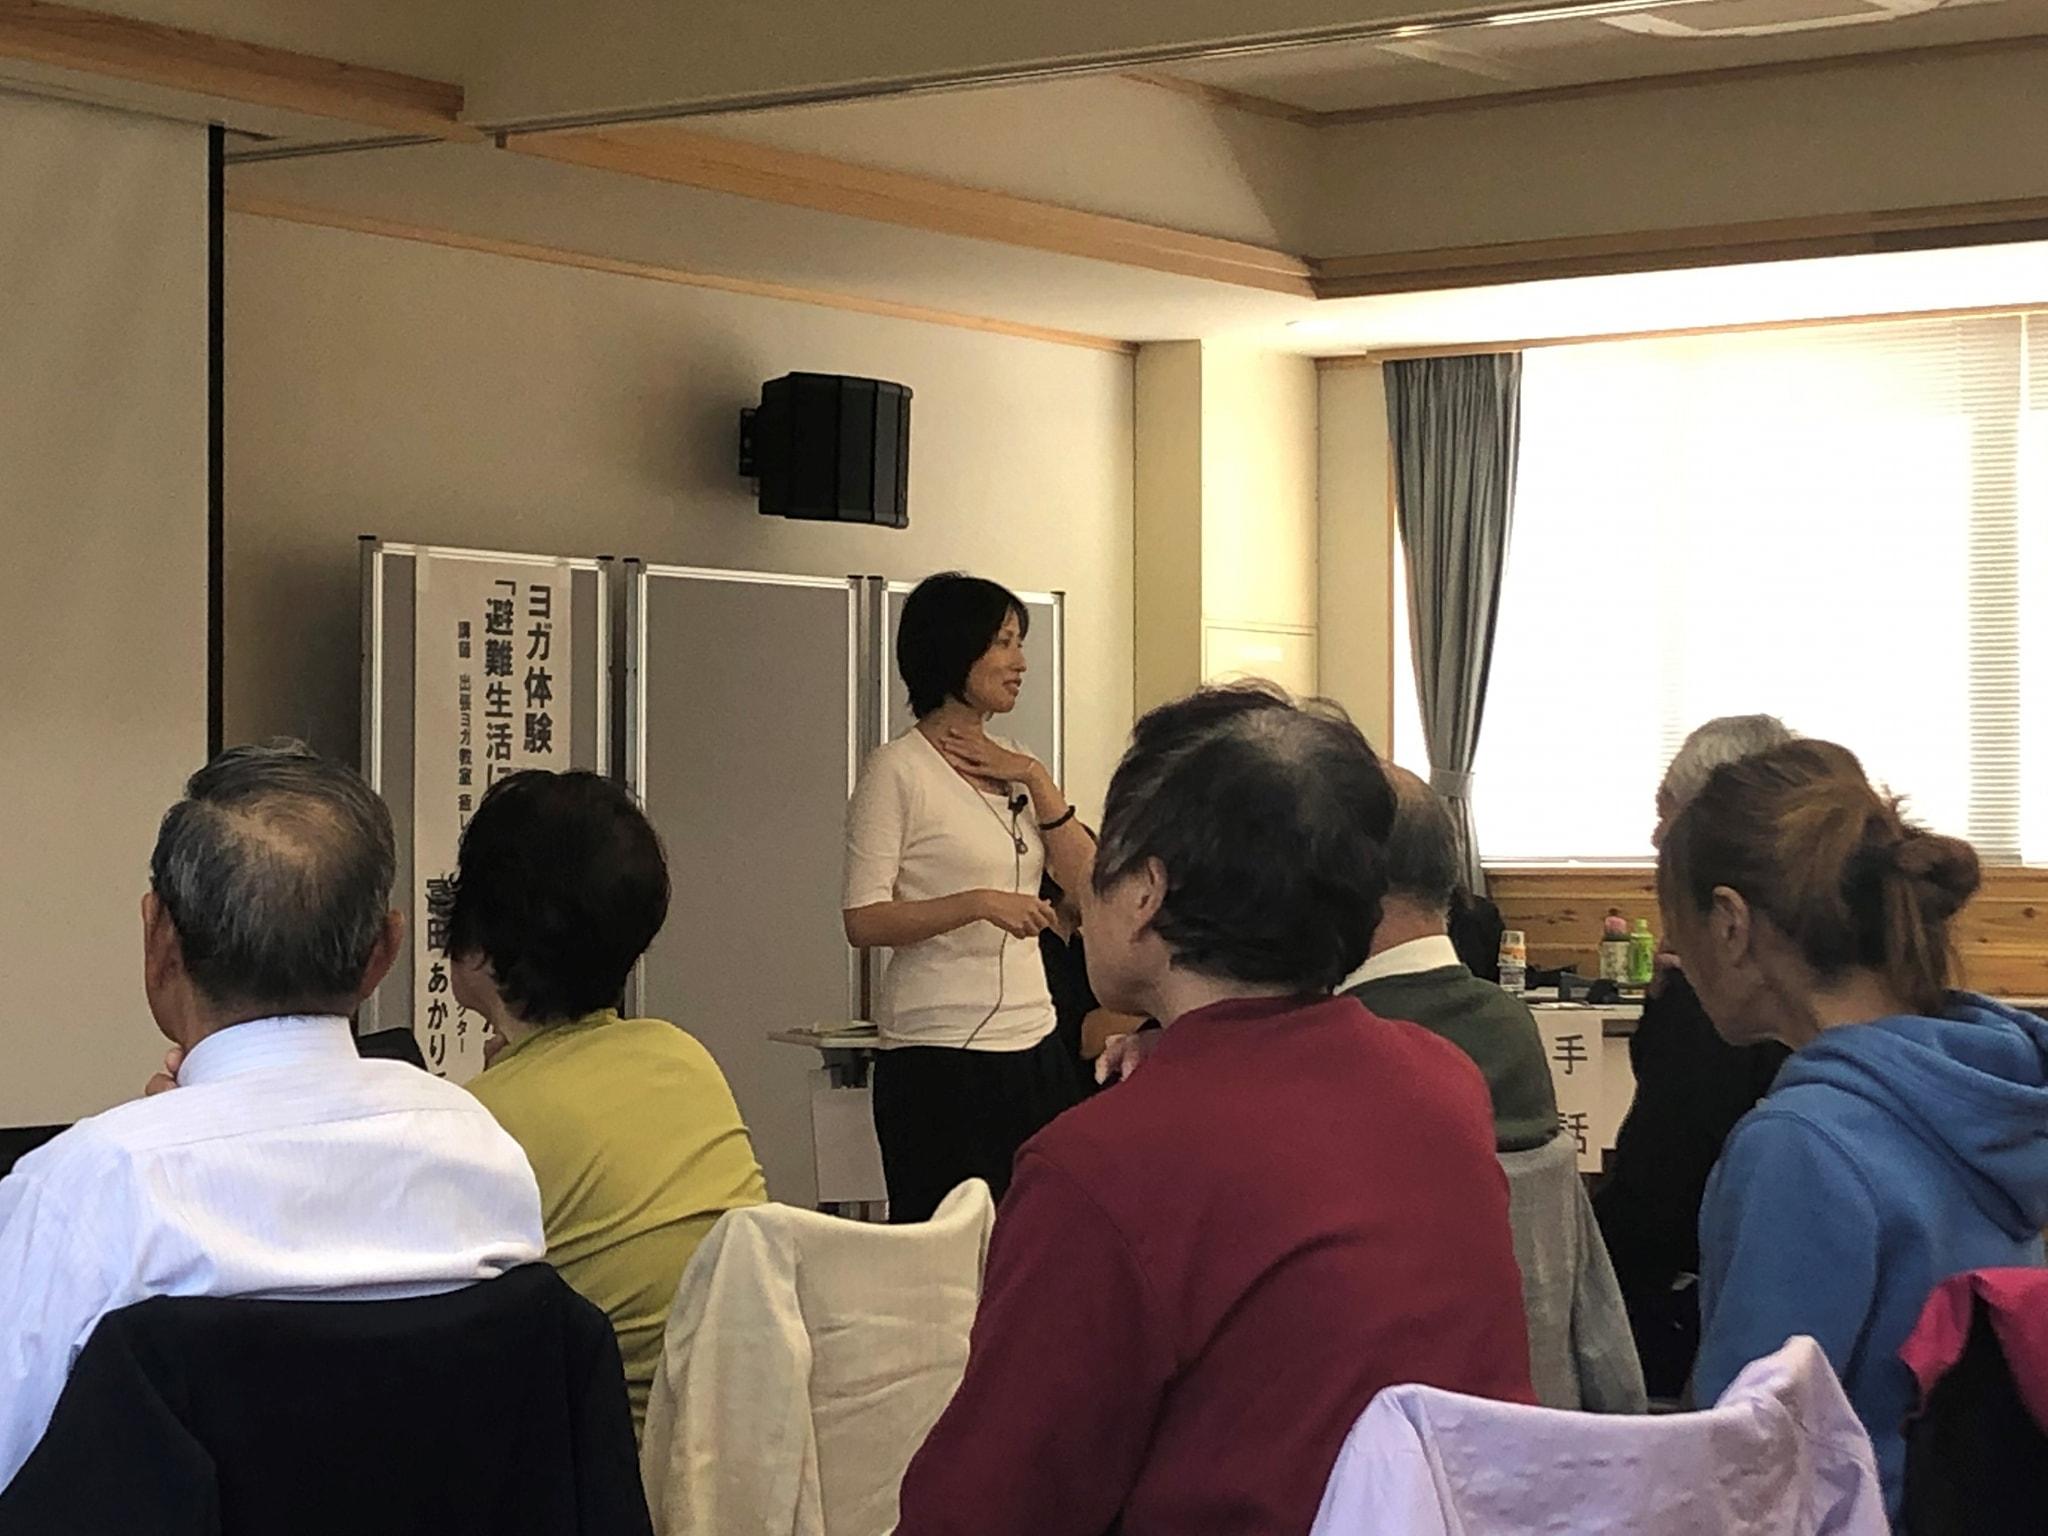 徳島県 心の減災と避難生活におけるヨガ活用1